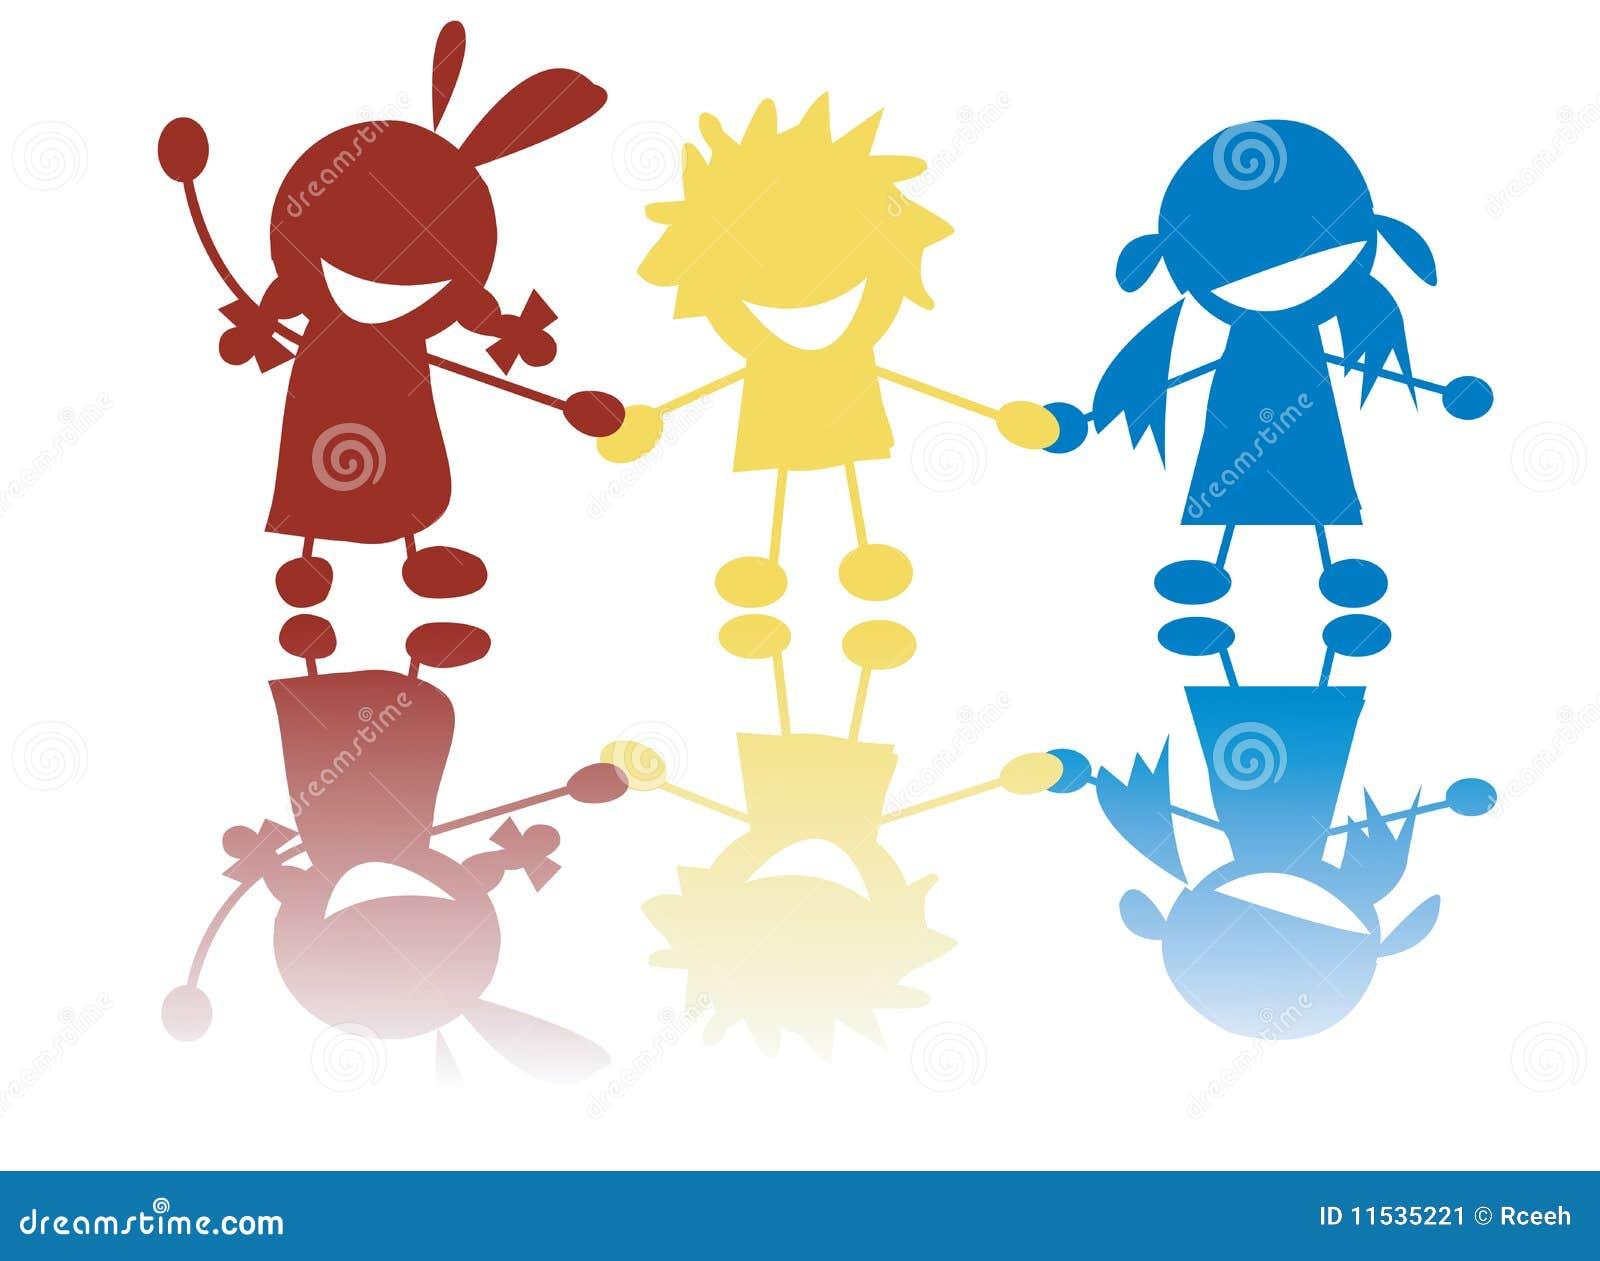 Рисунок детей держащихся за руки